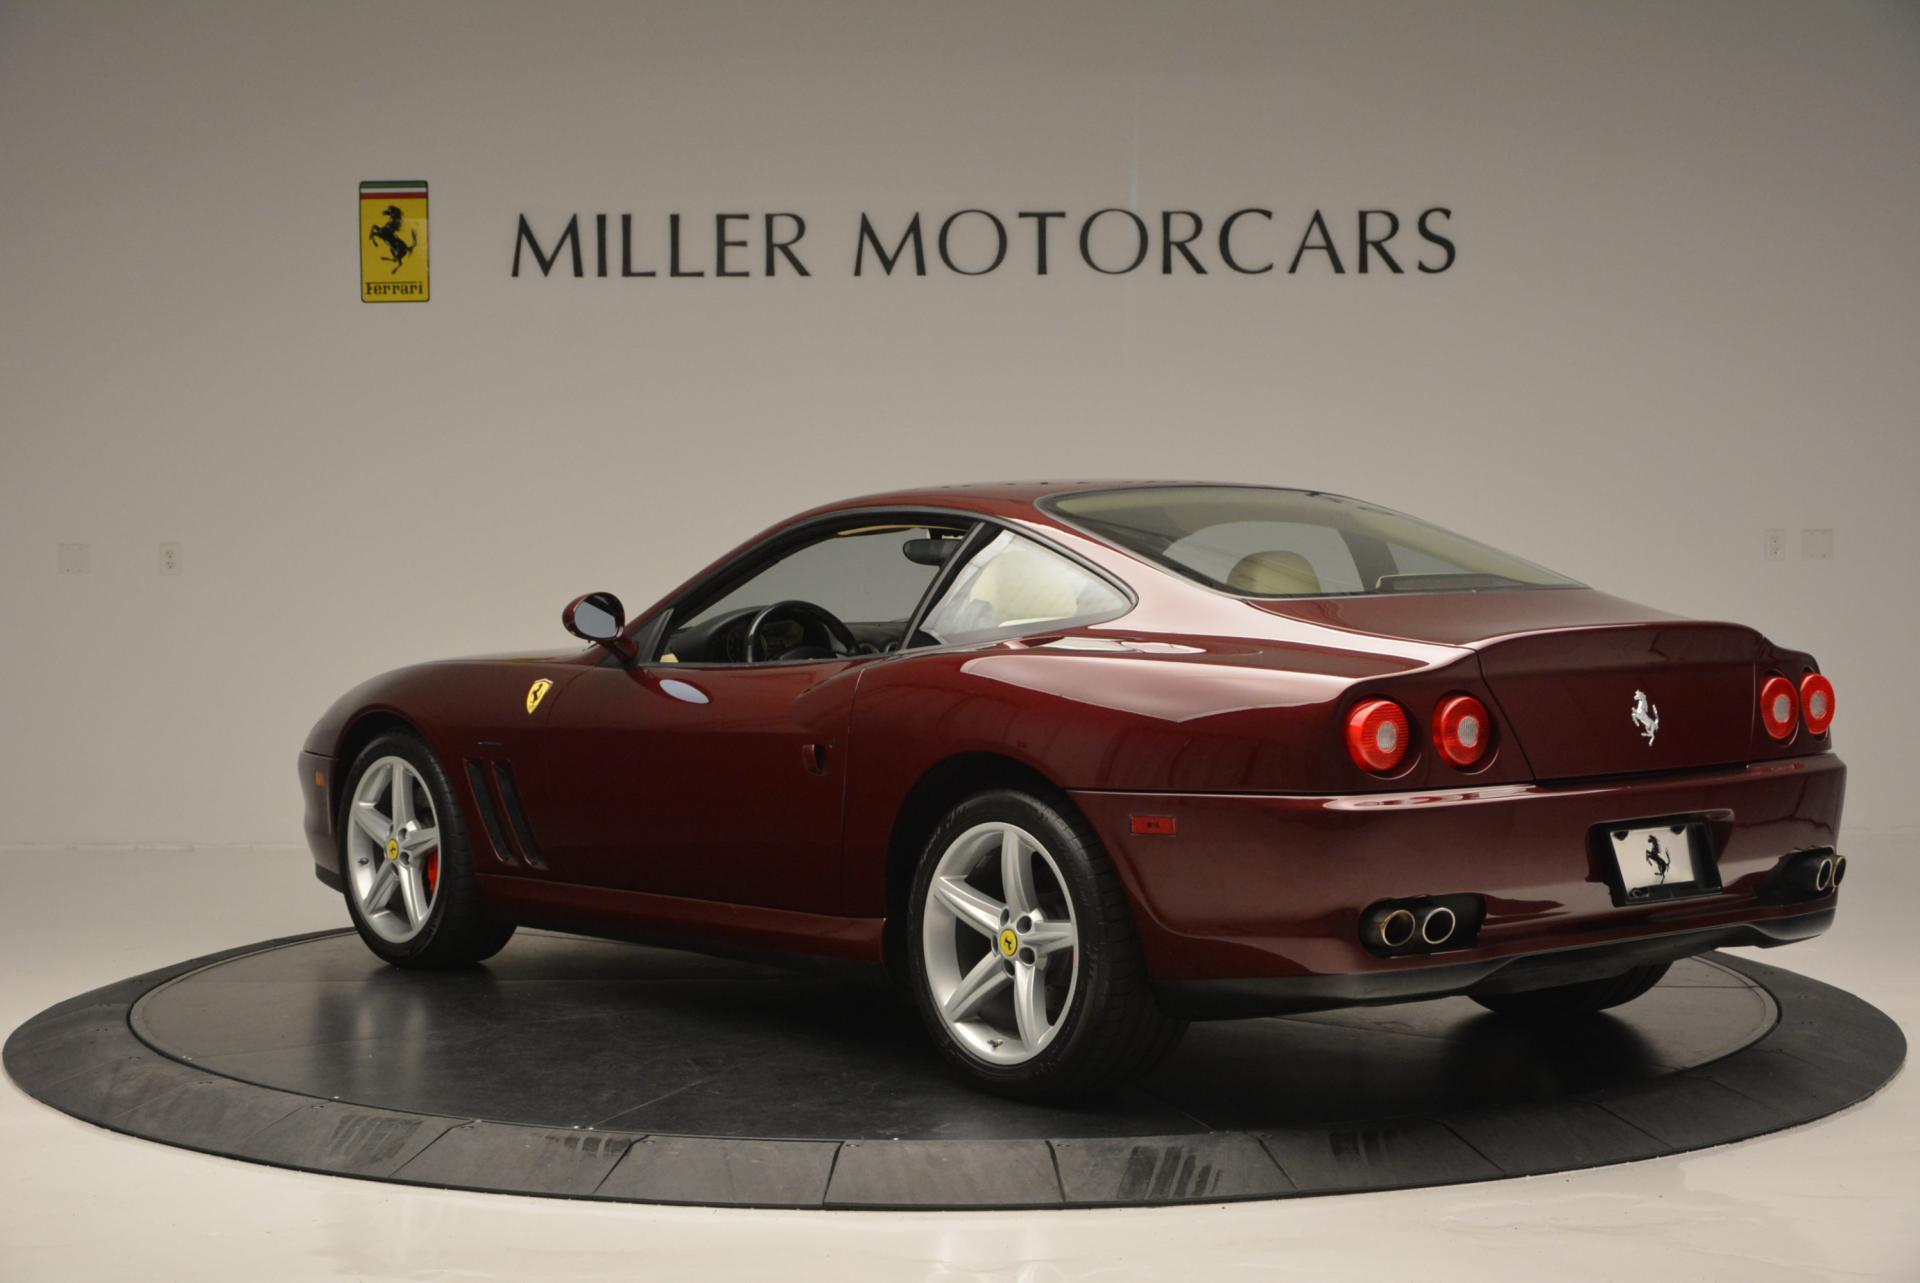 Used 2003 Ferrari 575M Maranello 6-Speed Manual For Sale In Westport, CT 143_p5